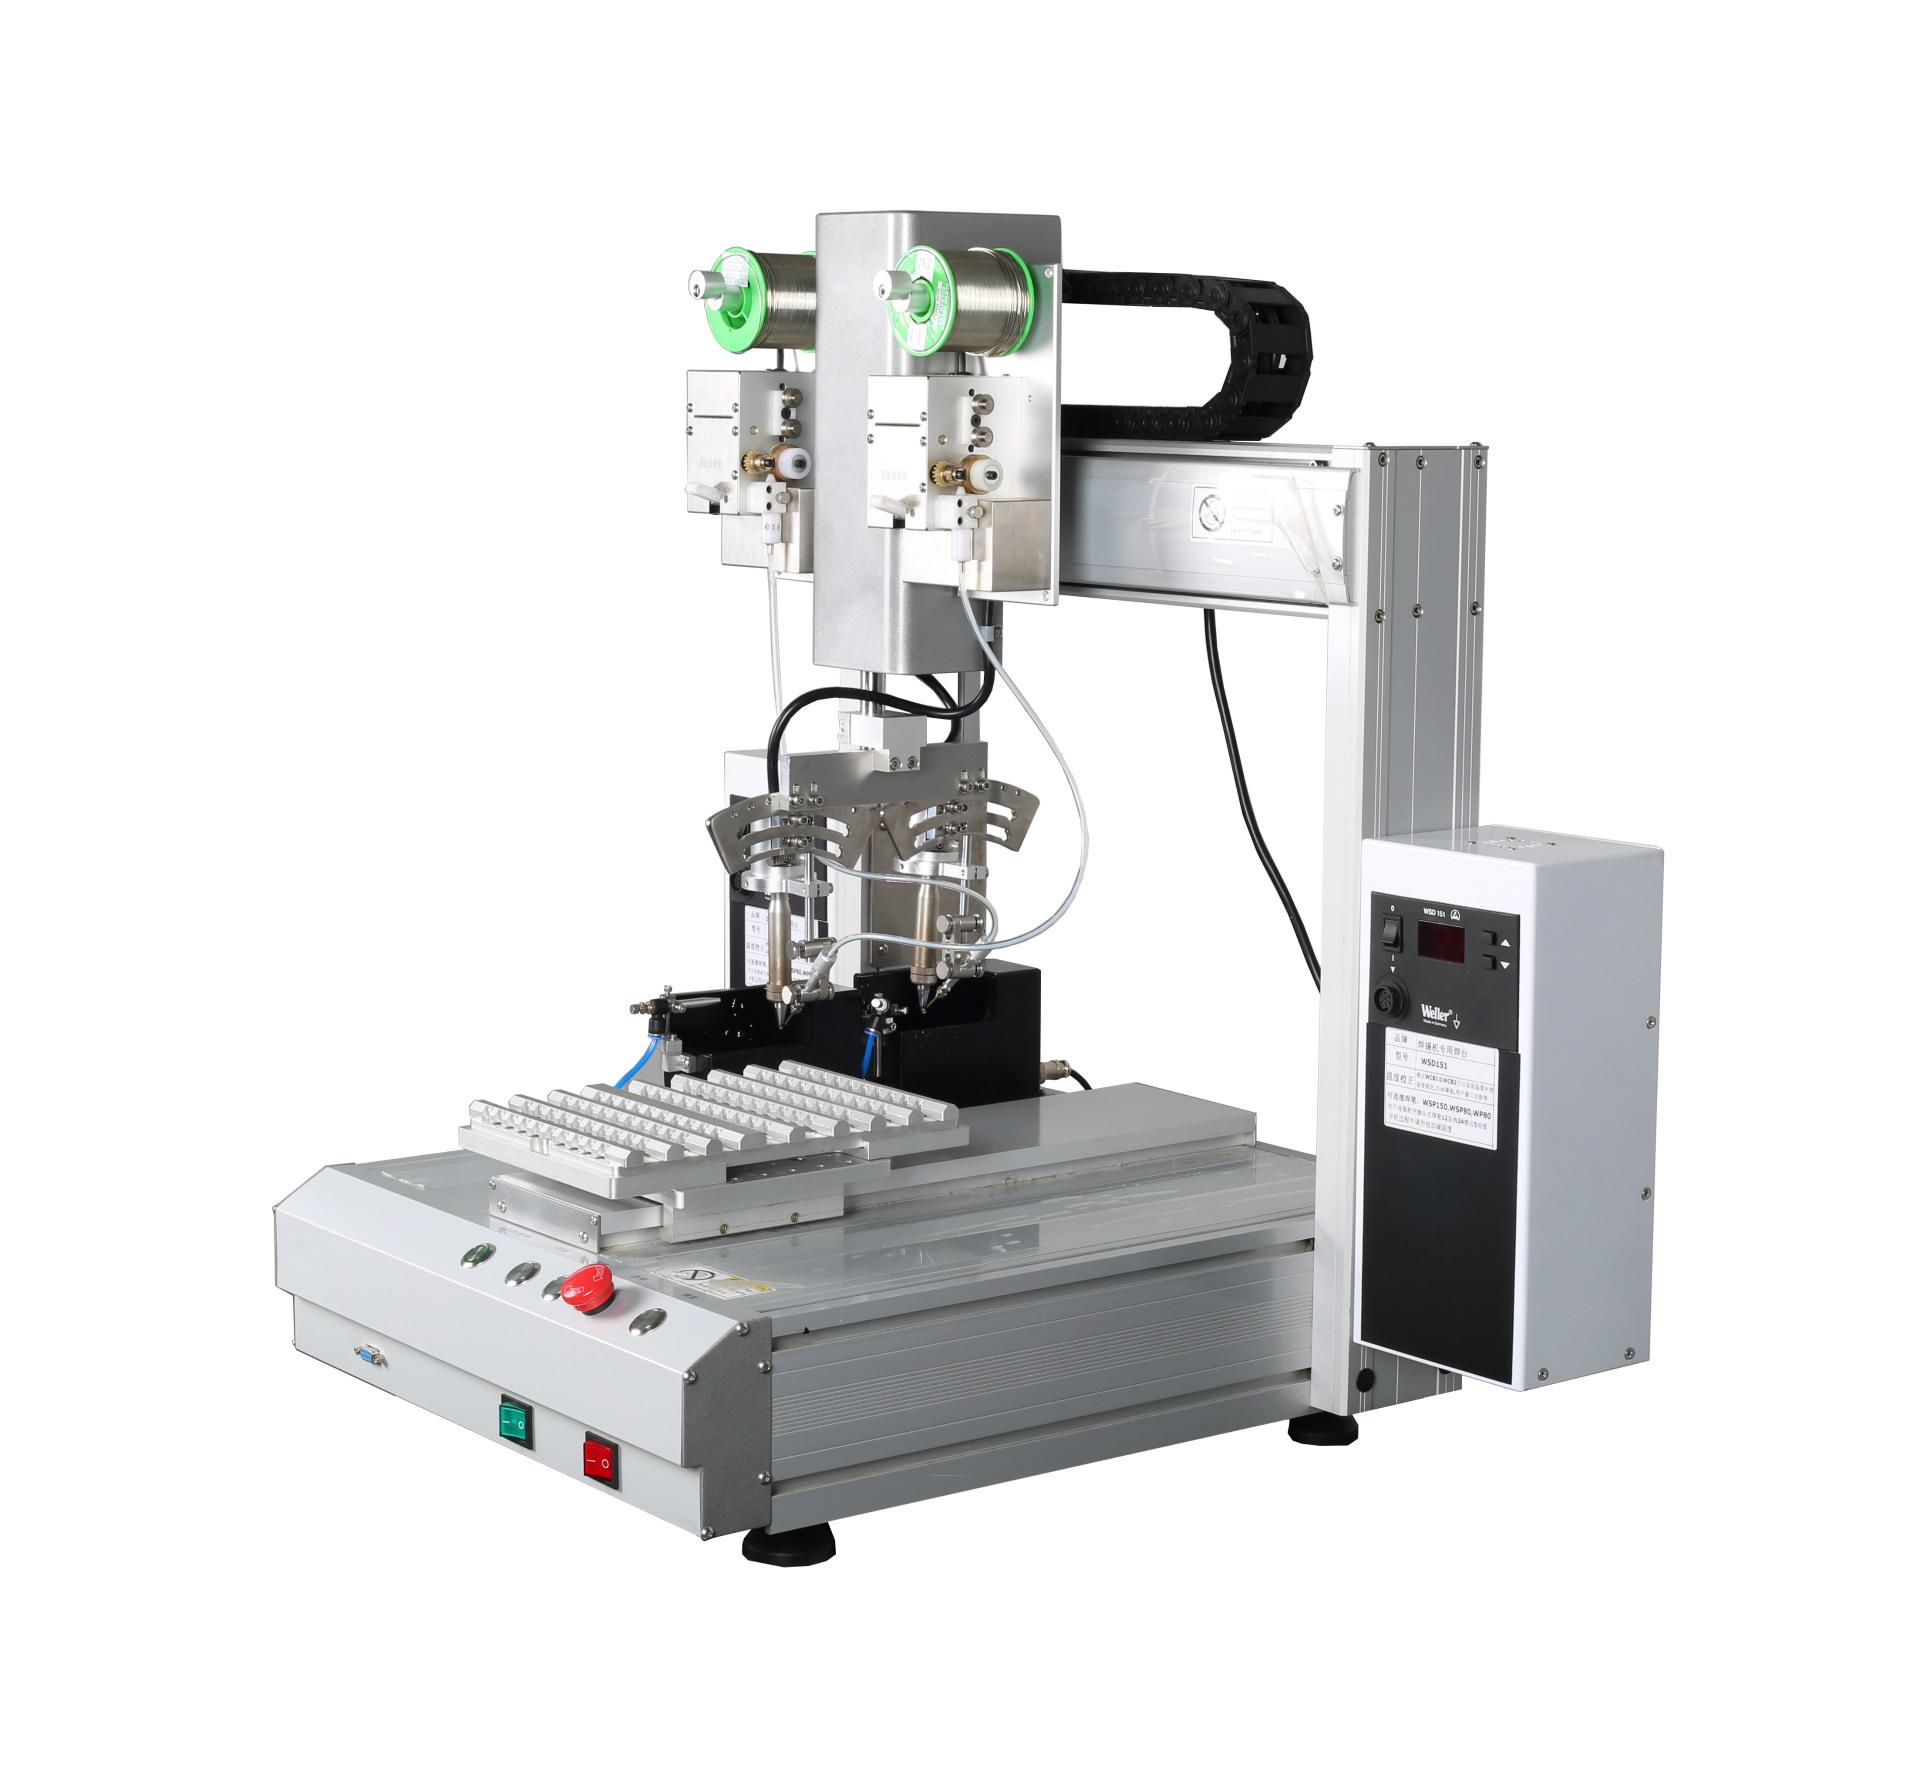 视觉焊锡机系统,自动焊锡机控制系统-机器视觉_视觉检测设备_3D视觉_缺陷检测